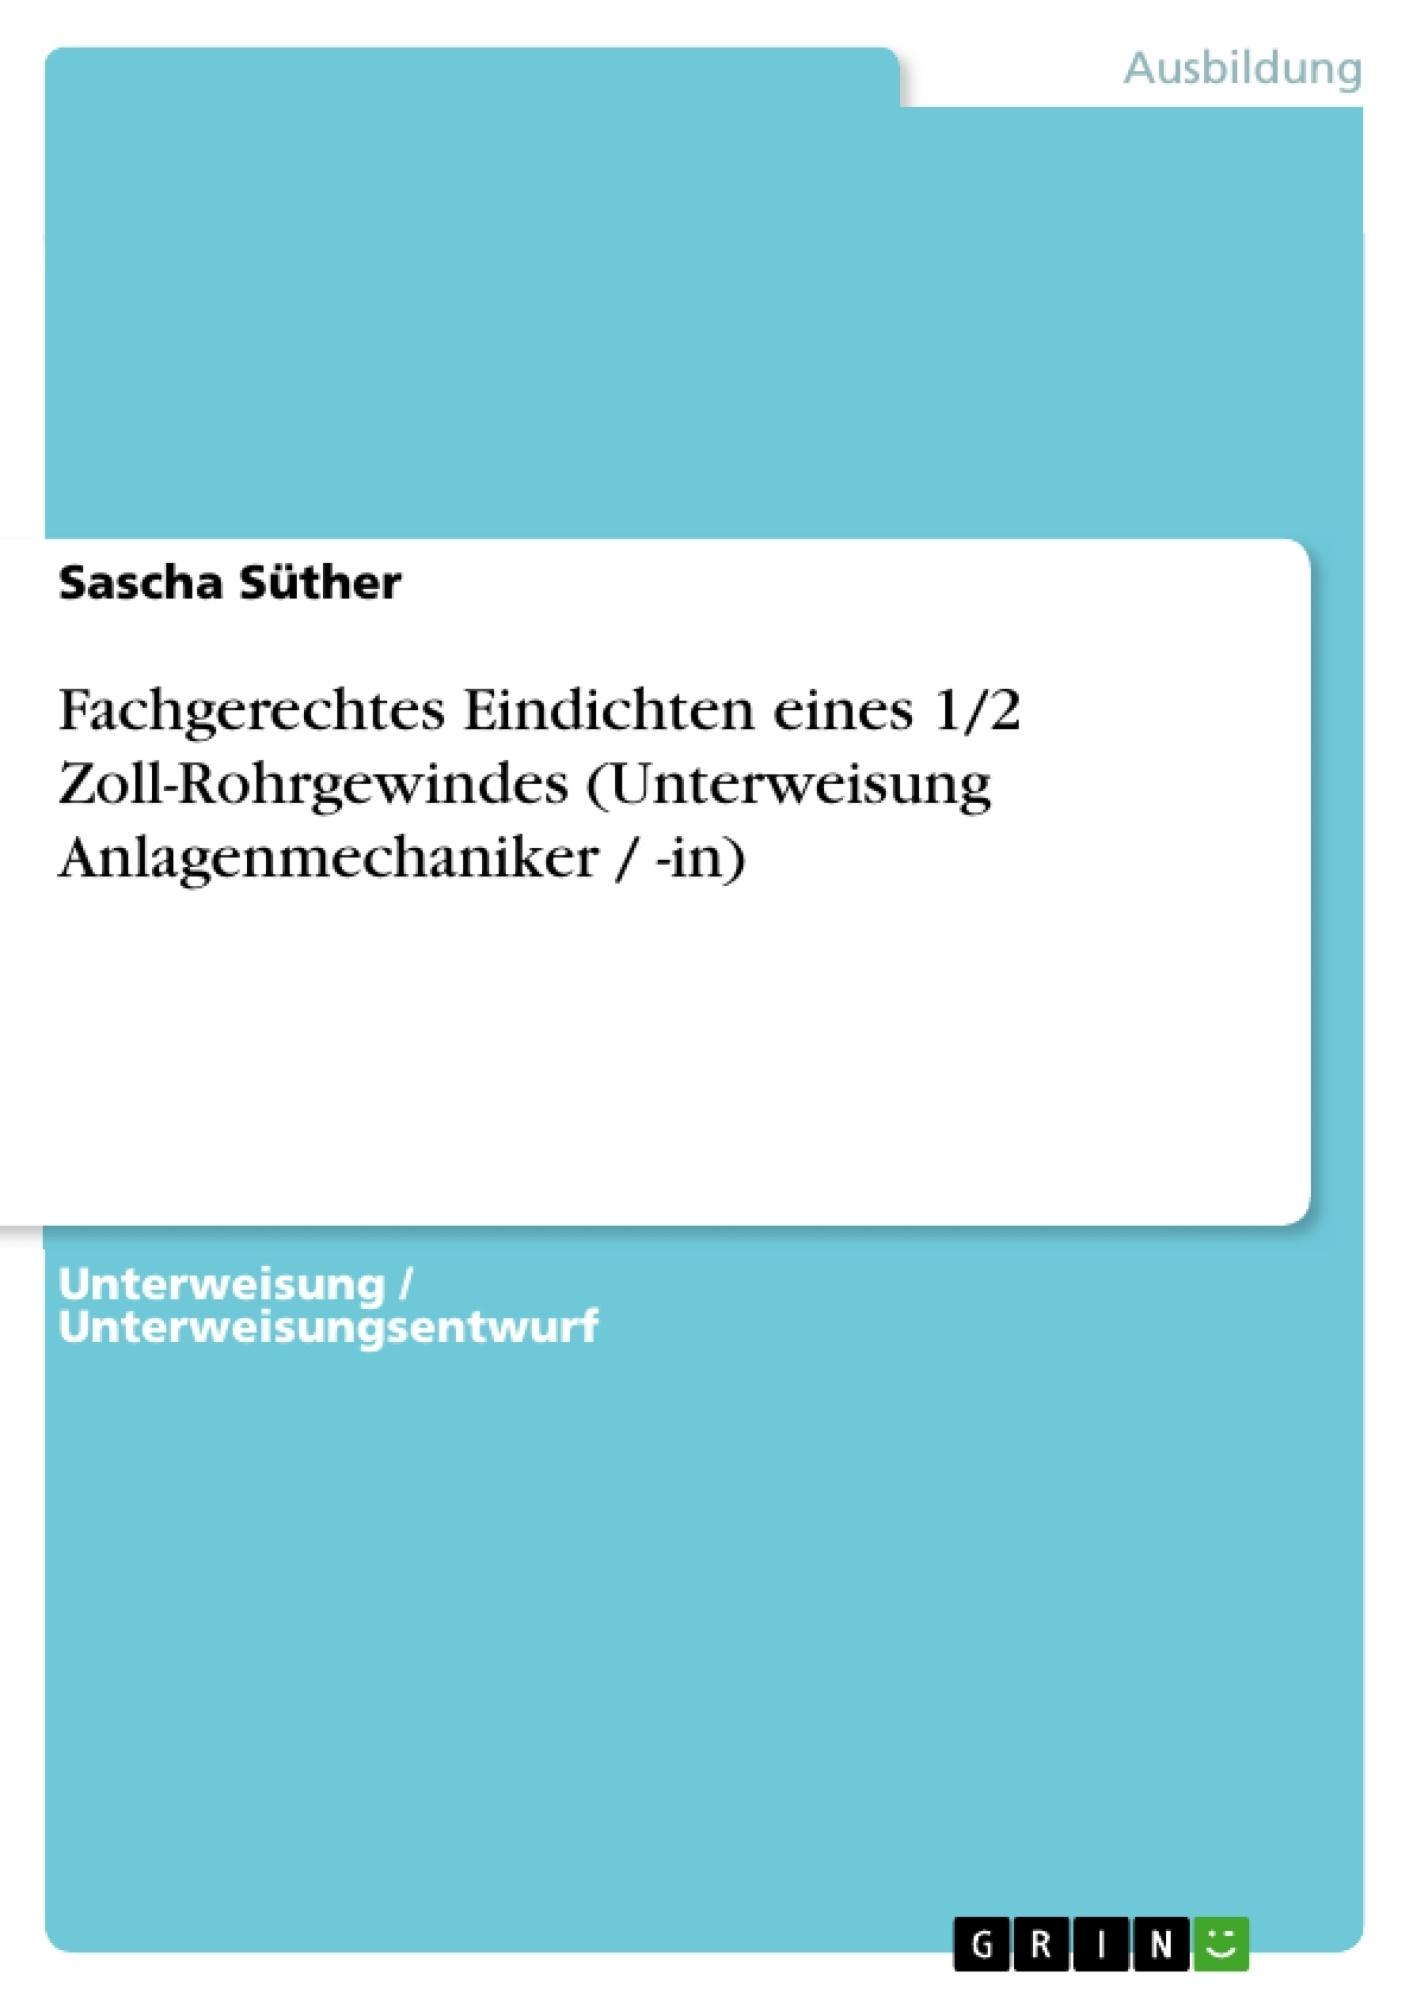 Titel: Fachgerechtes Eindichten eines 1/2 Zoll-Rohrgewindes (Unterweisung Anlagenmechaniker / -in)